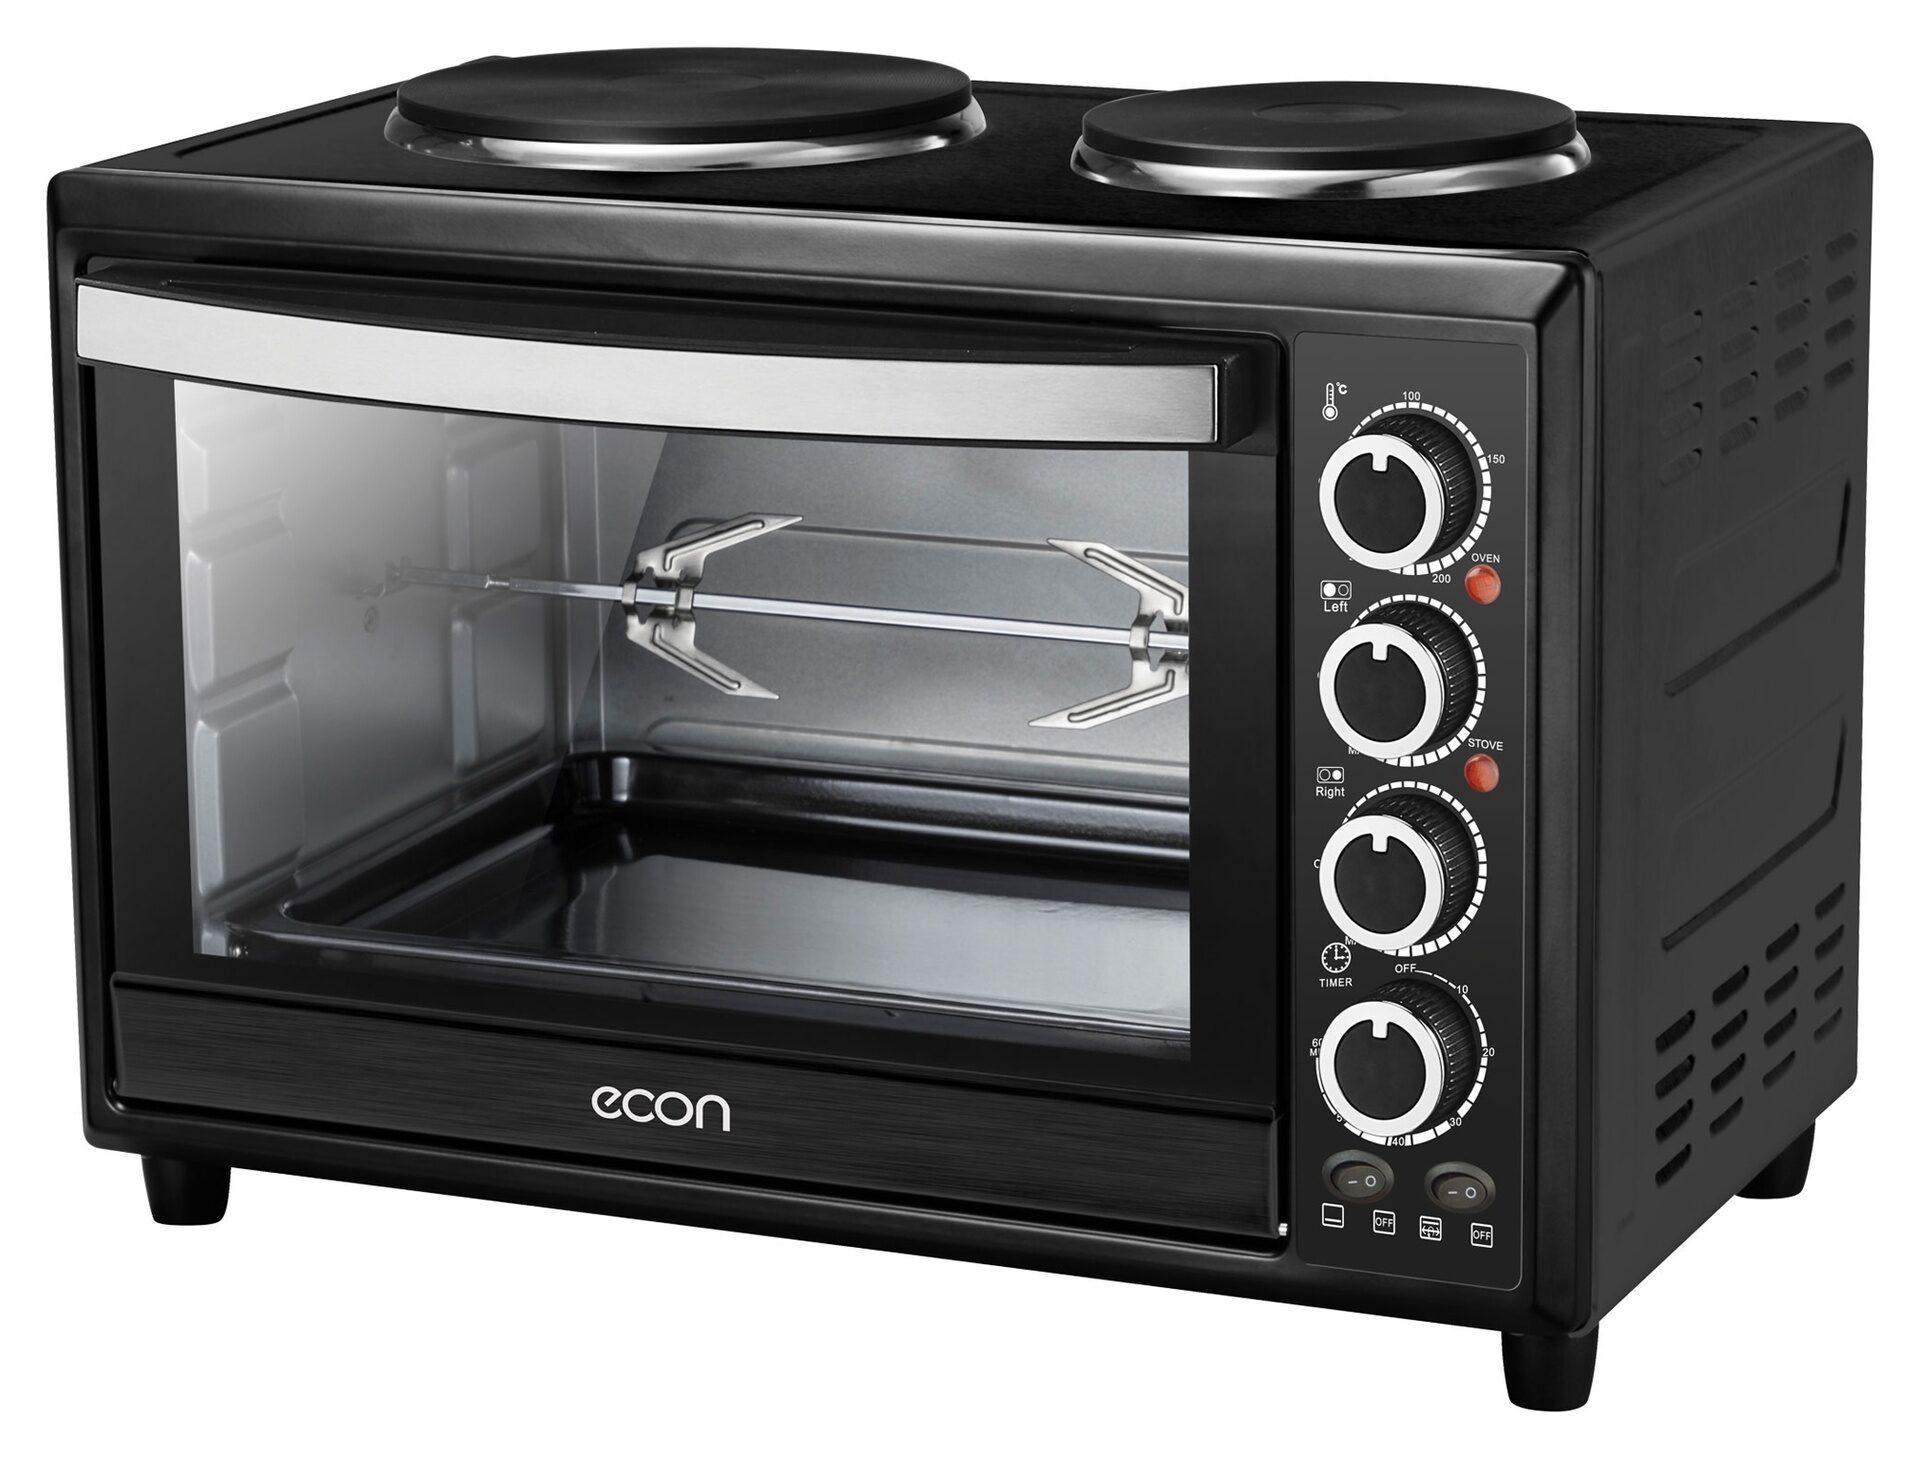 мини печь Econ Eco G3201mo отзывы